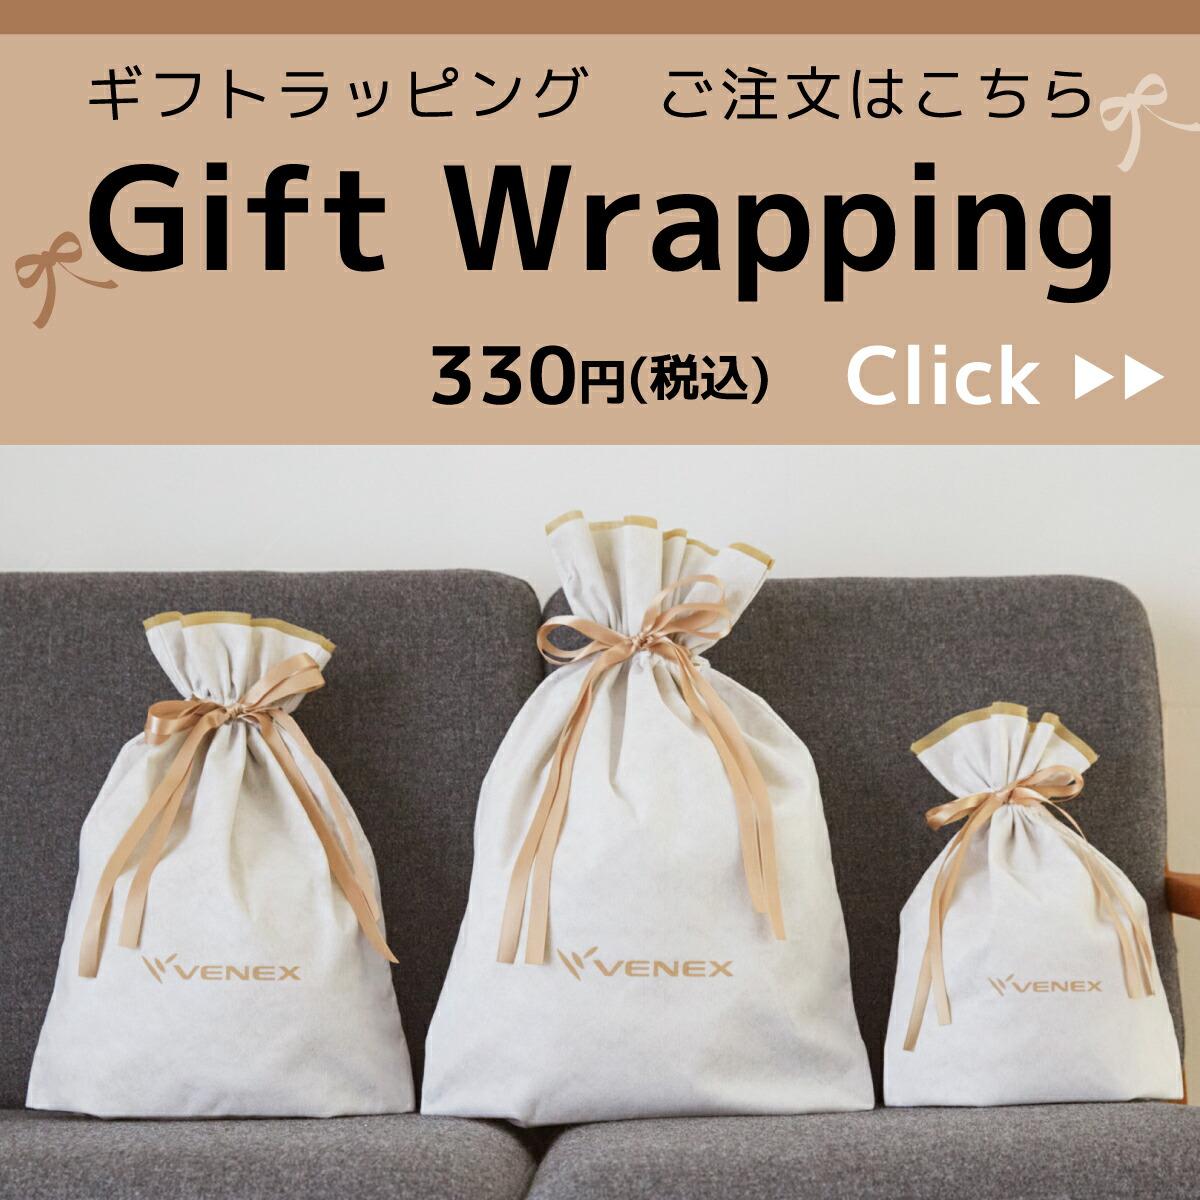 ギフトラッピングサービス 330円(税込)